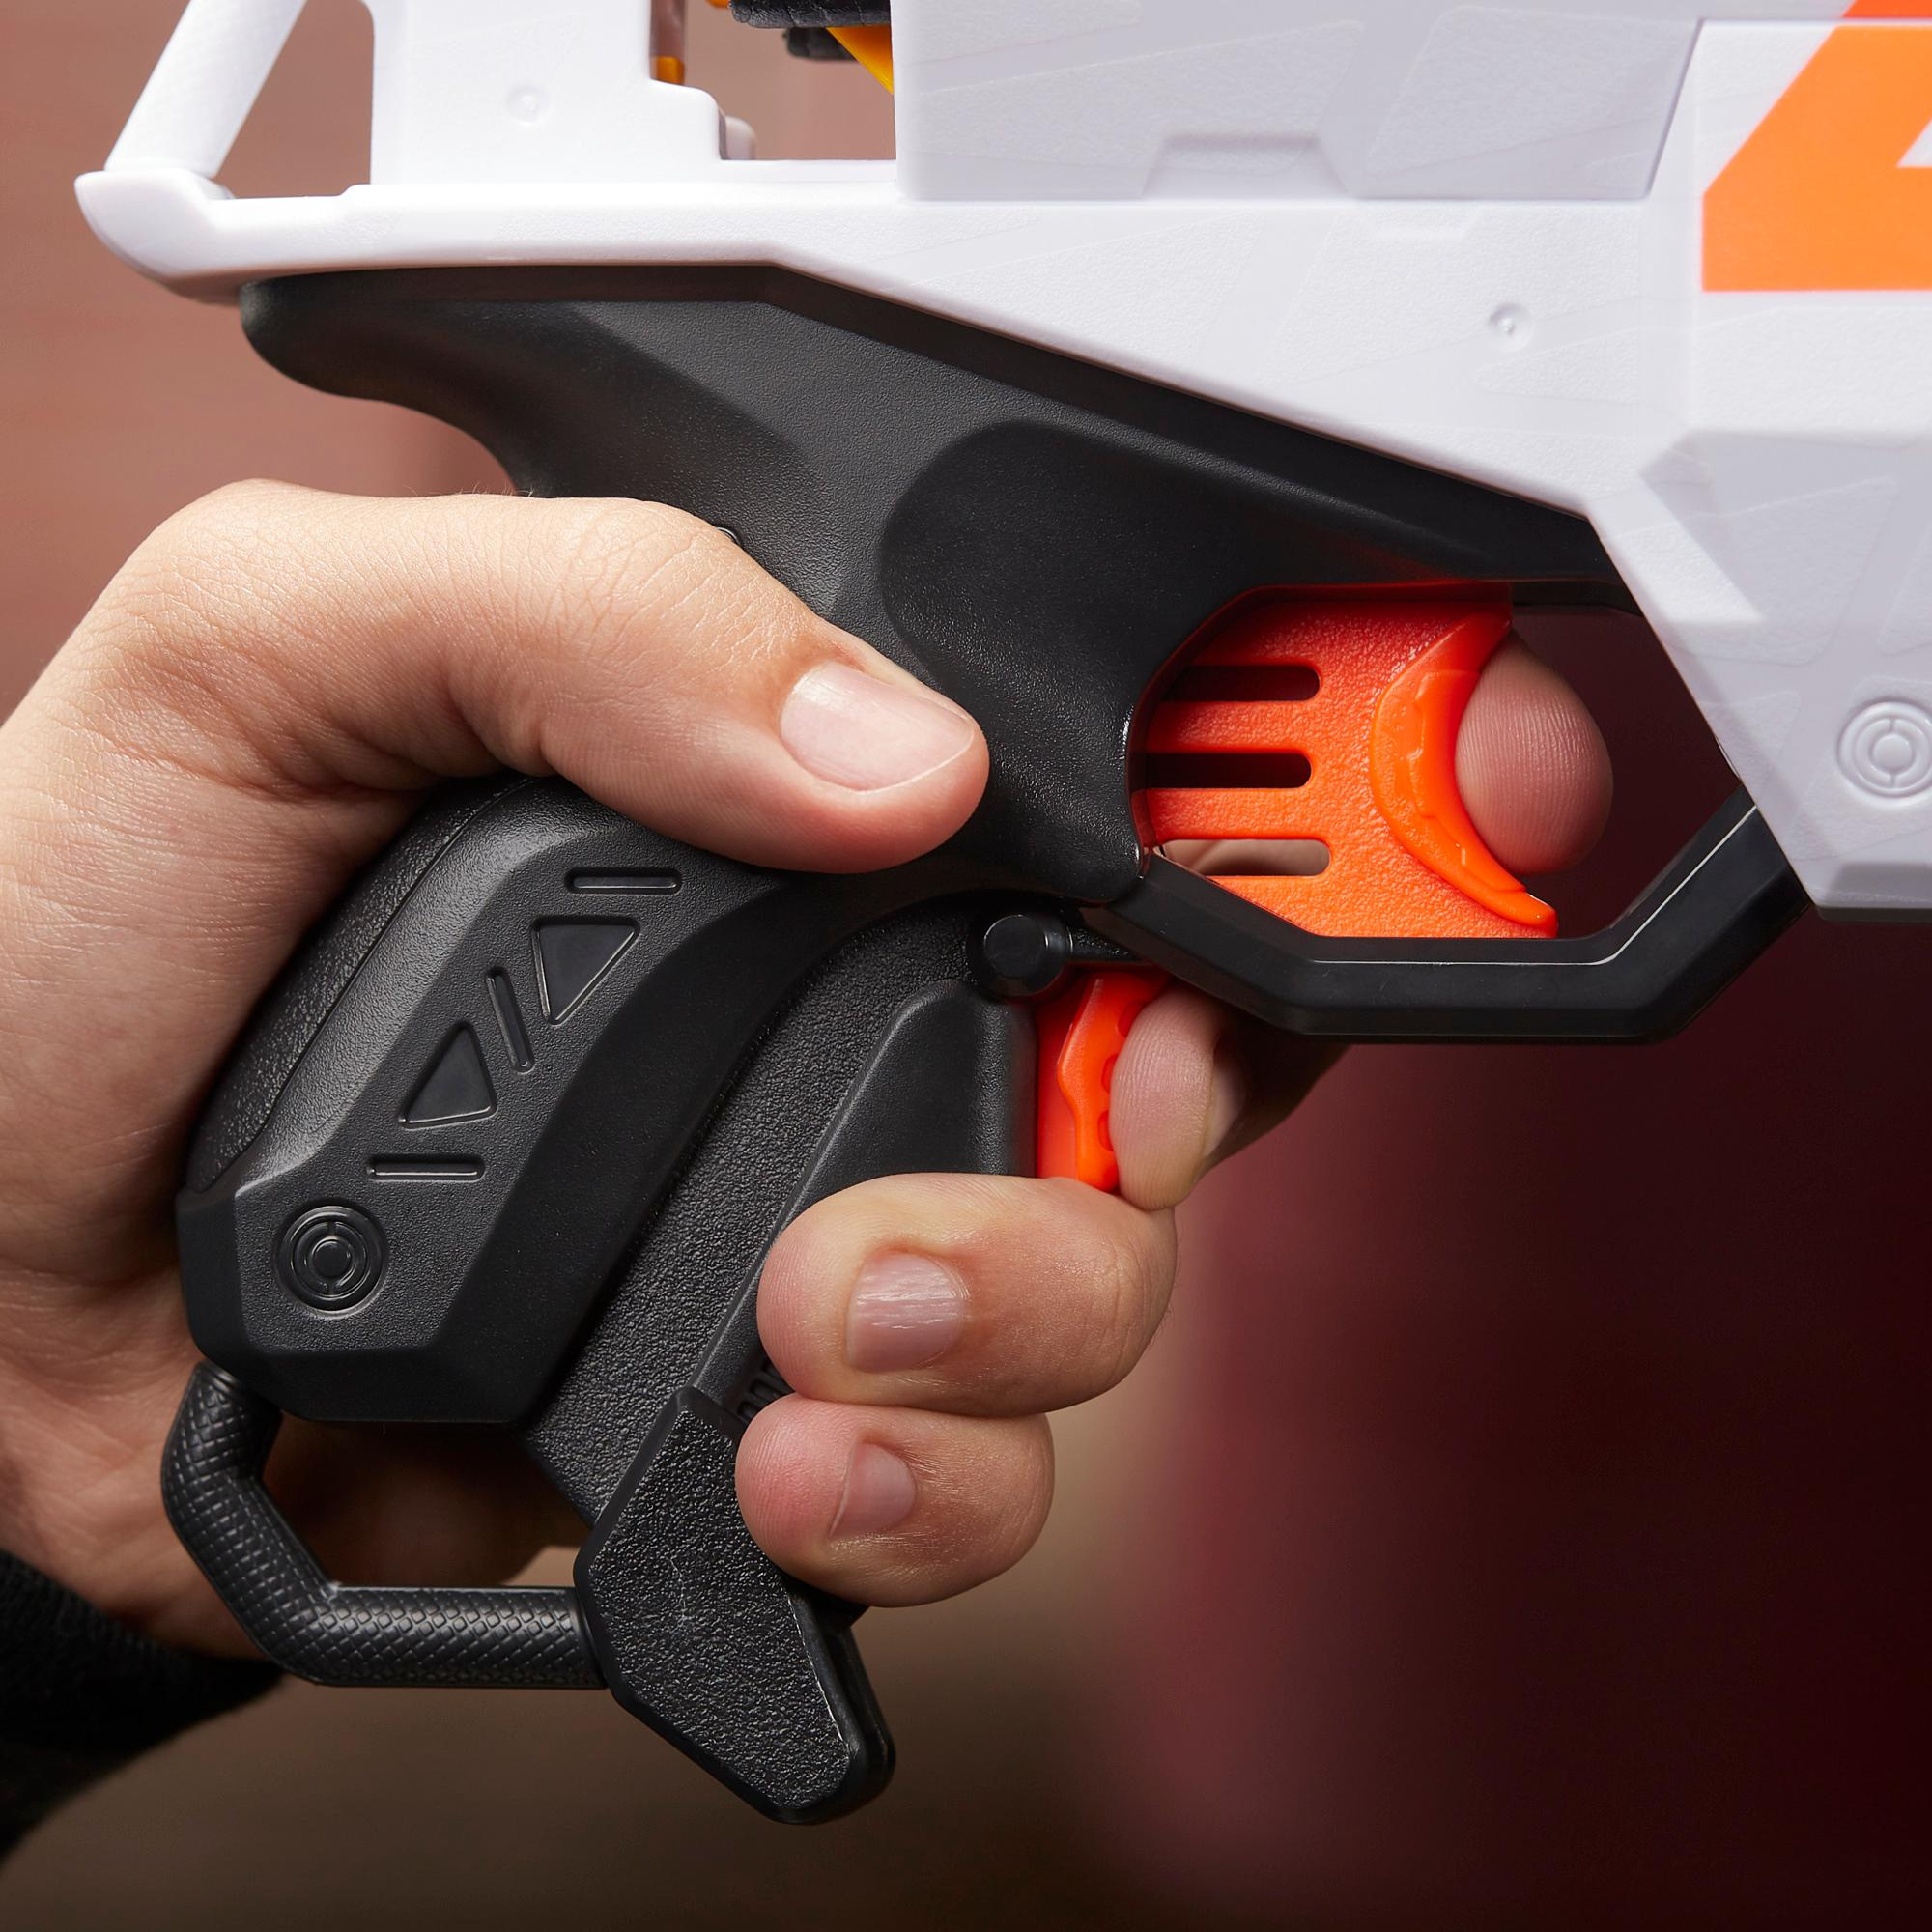 Motorisert Nerf Ultra Two-blaster – Rask omlading, 6 Nerf Ultra-piler – Kun kompatibel med Nerf Ultra-piler